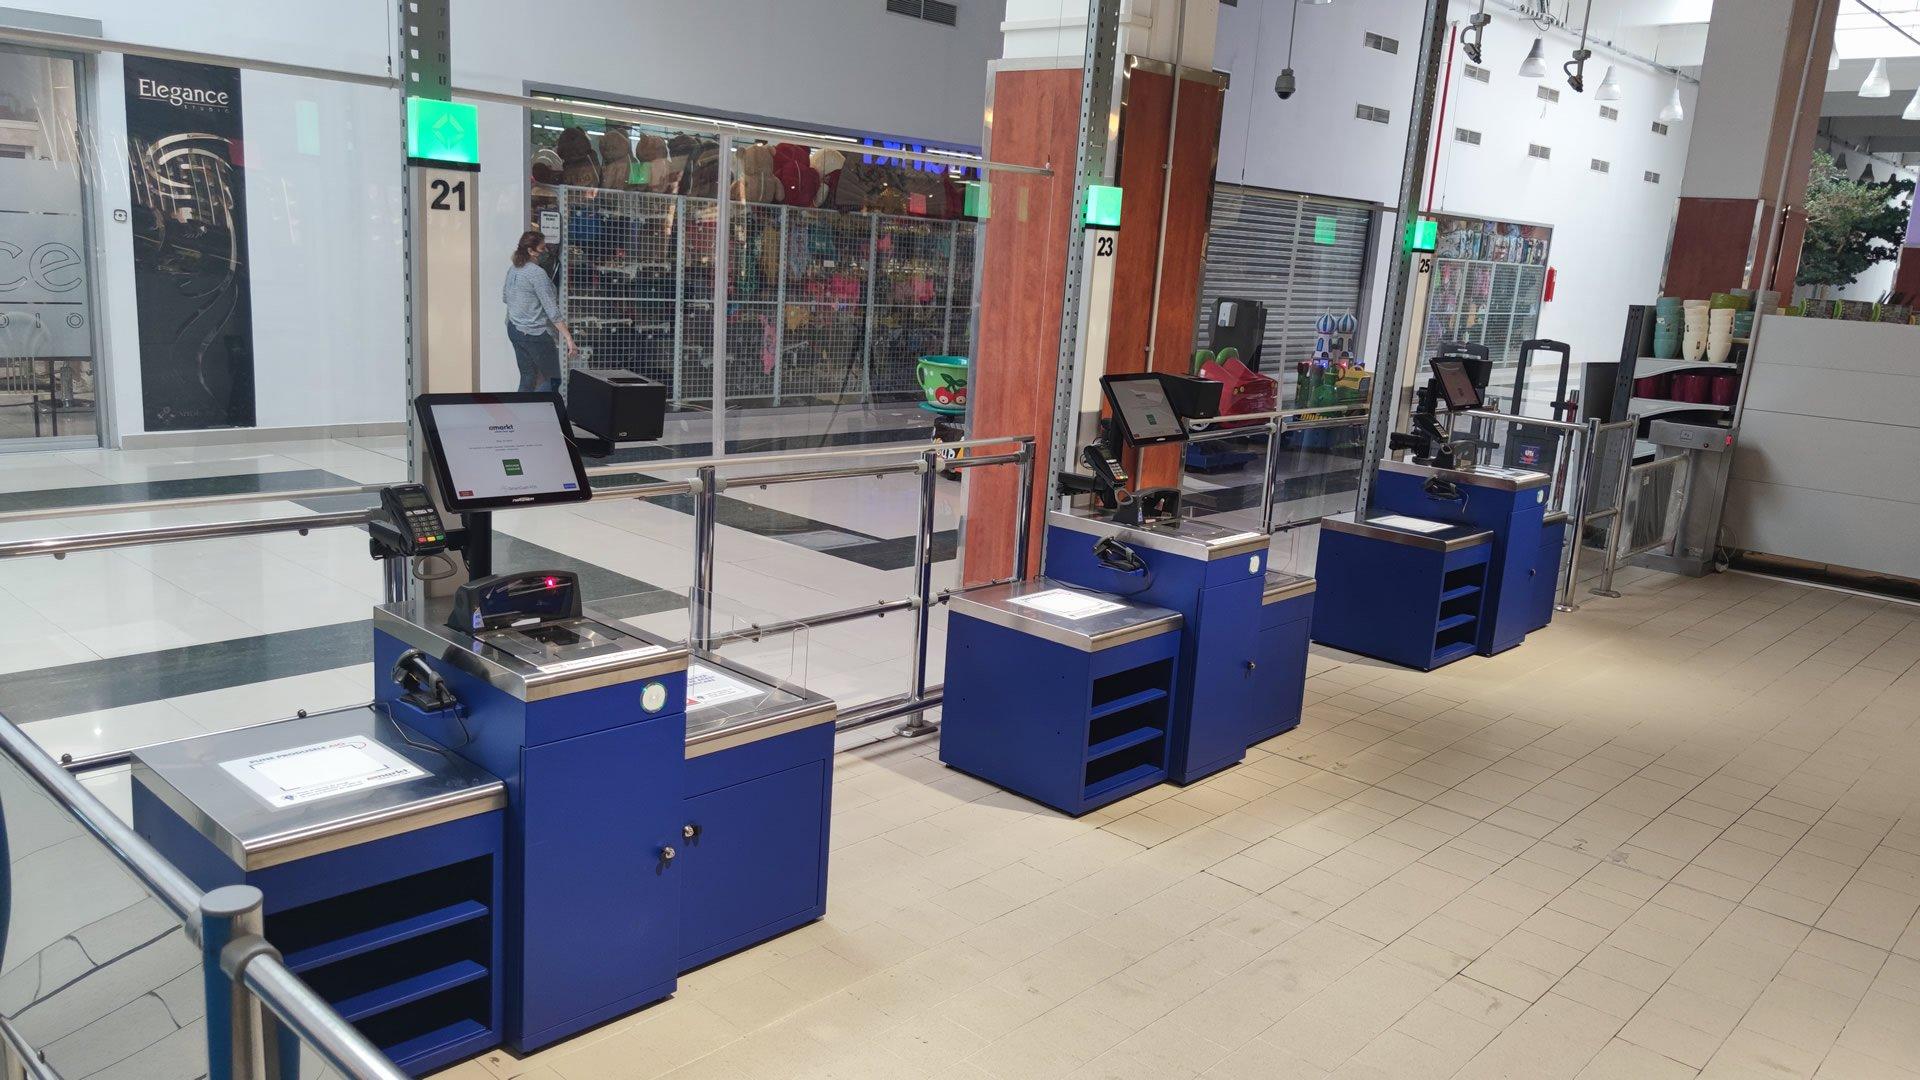 Magister Self Checkout Remarkt Oradea